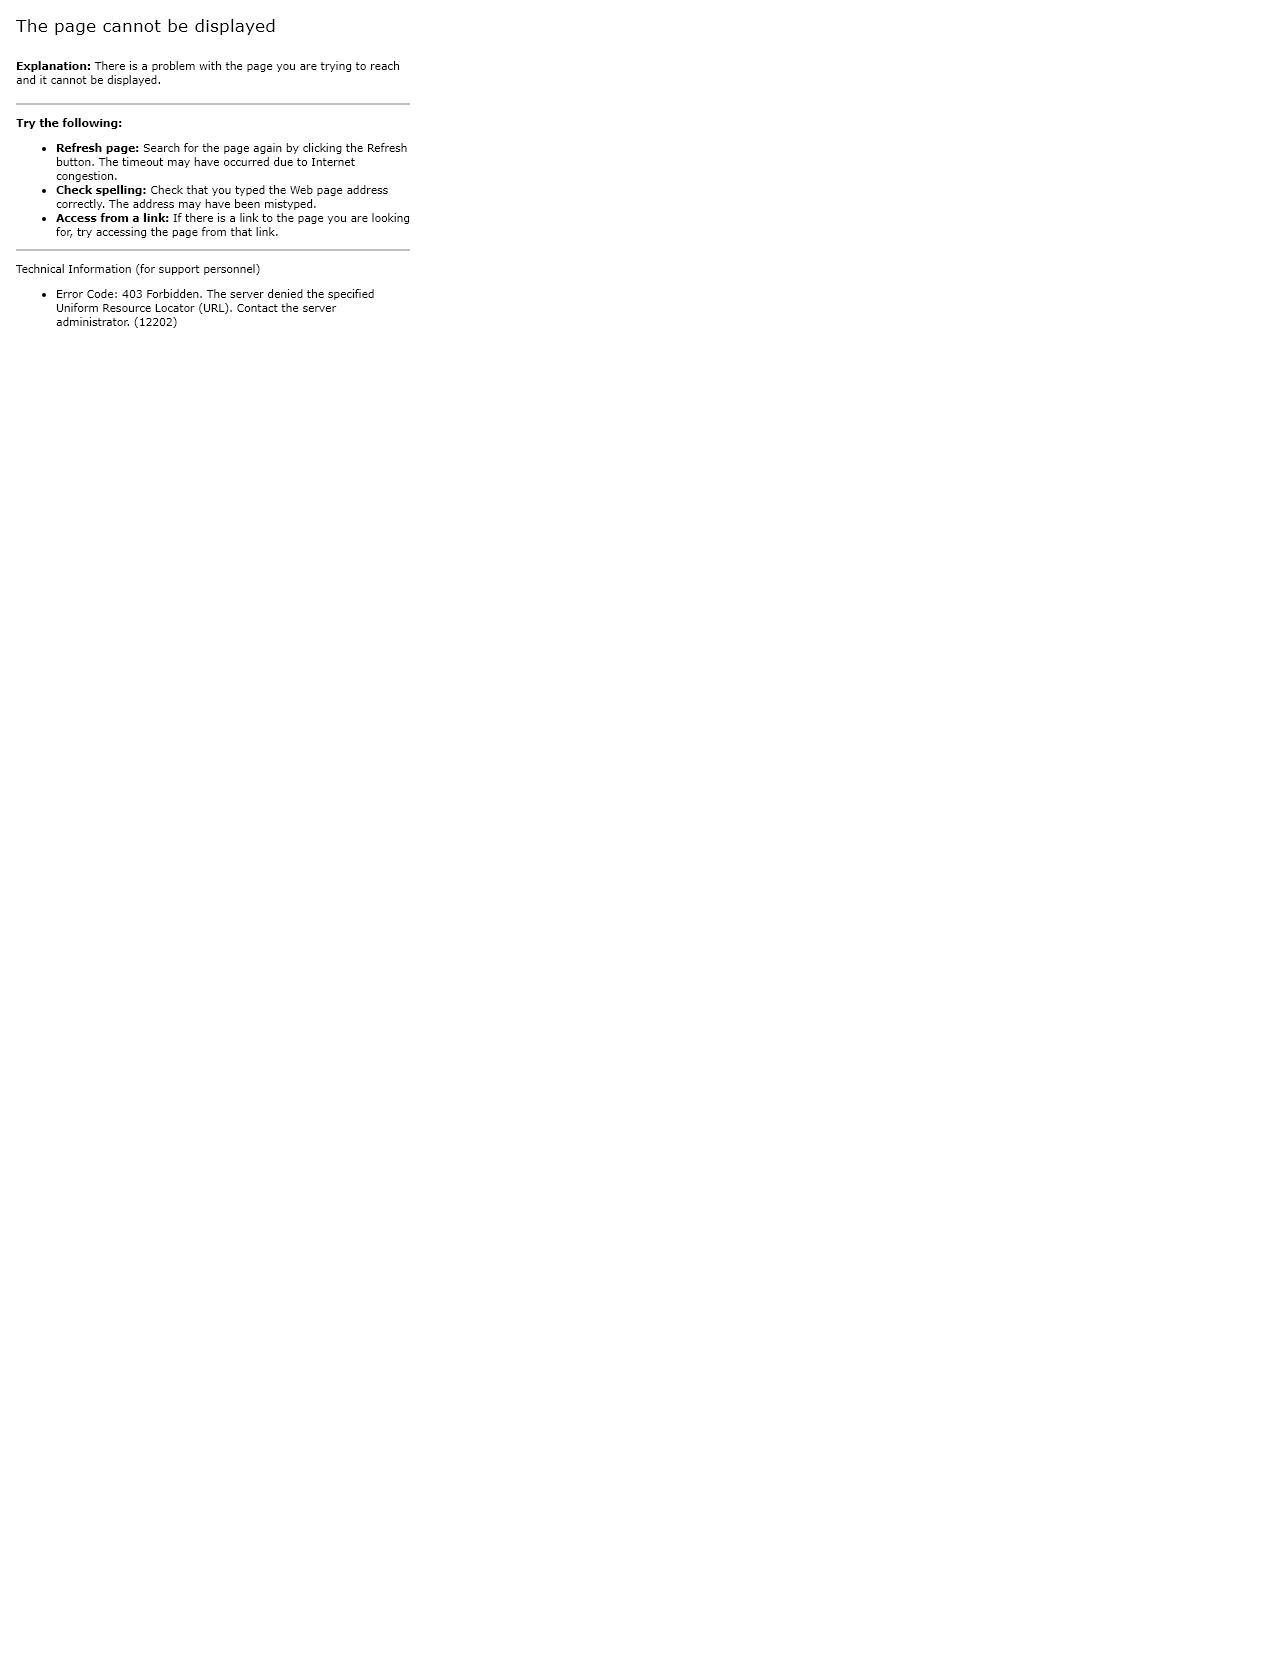 Screenshot Desktop - https://dipgg.desktopimaging.co.nz/